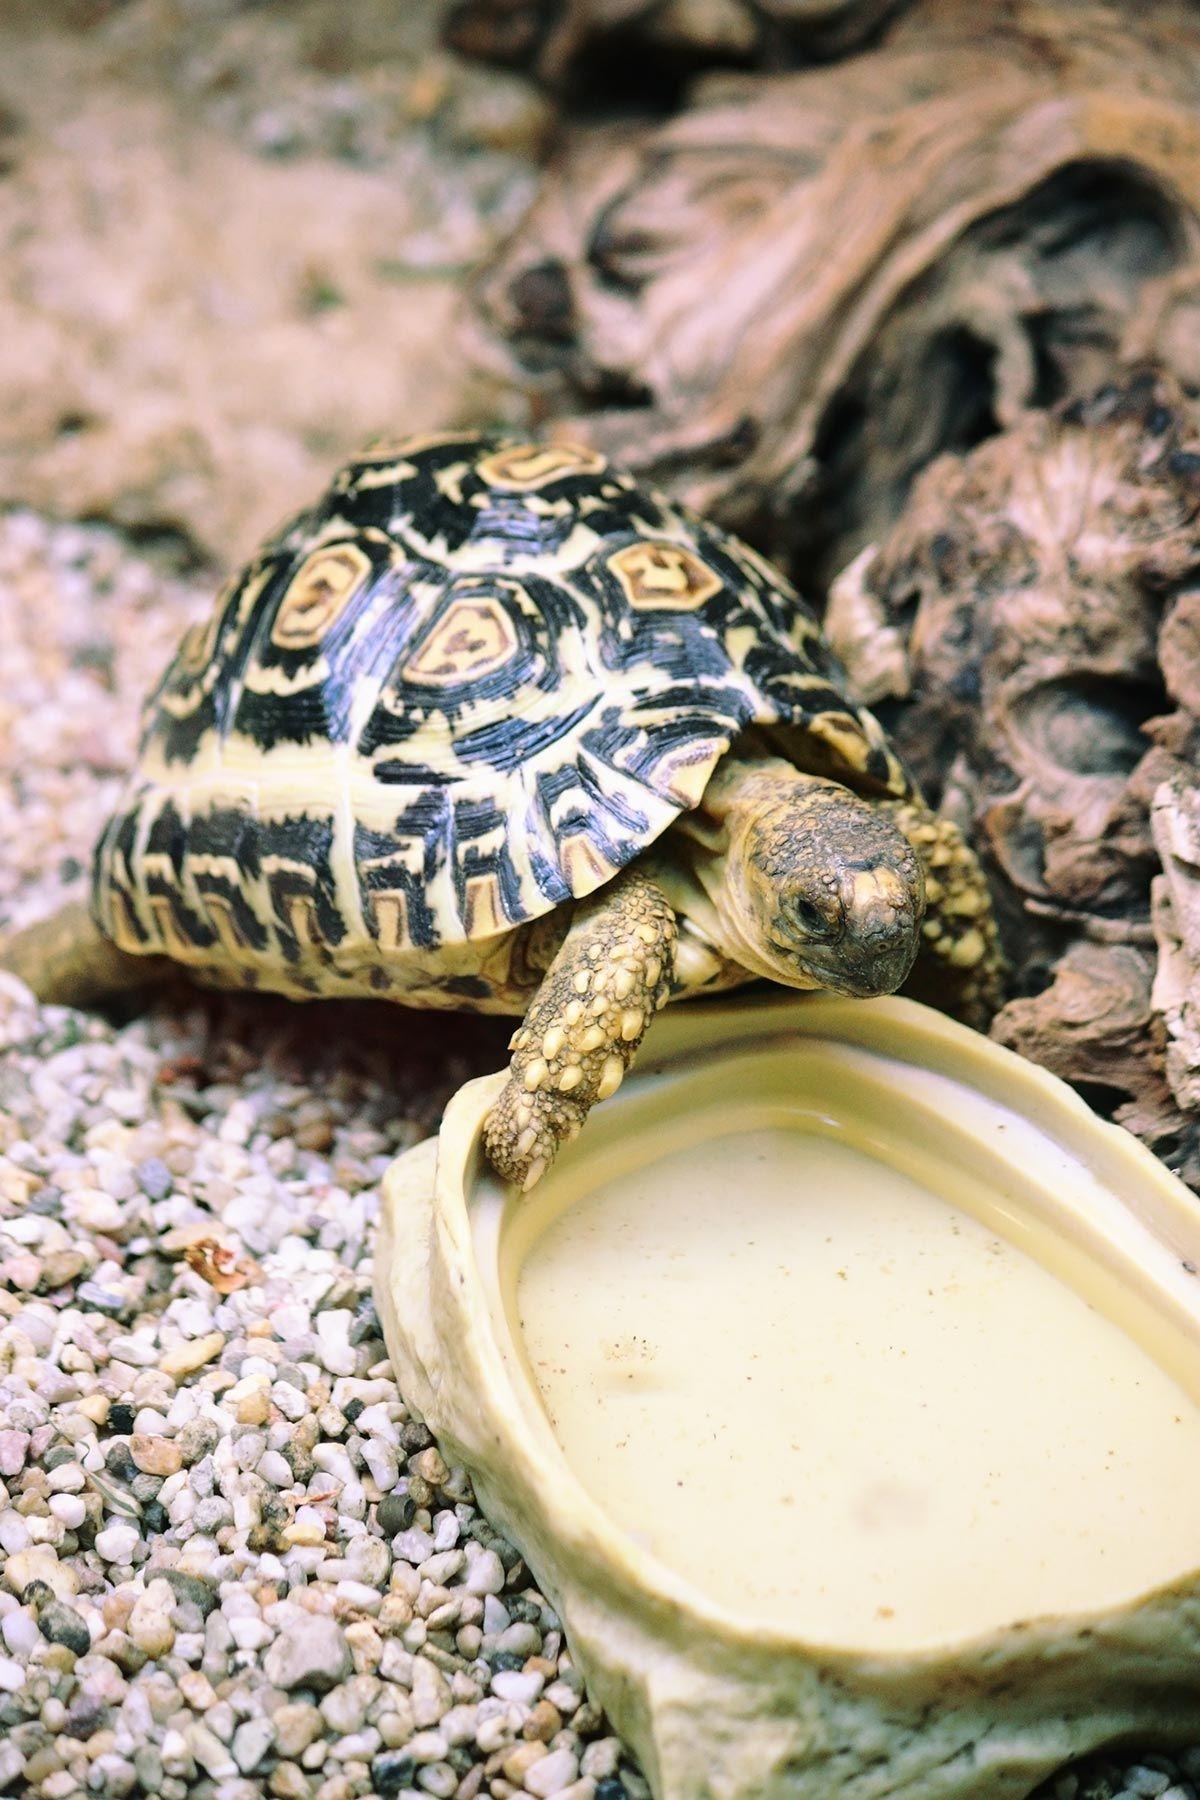 Tortugas Terrestres Tortugas Terrestres Tortugas Animales